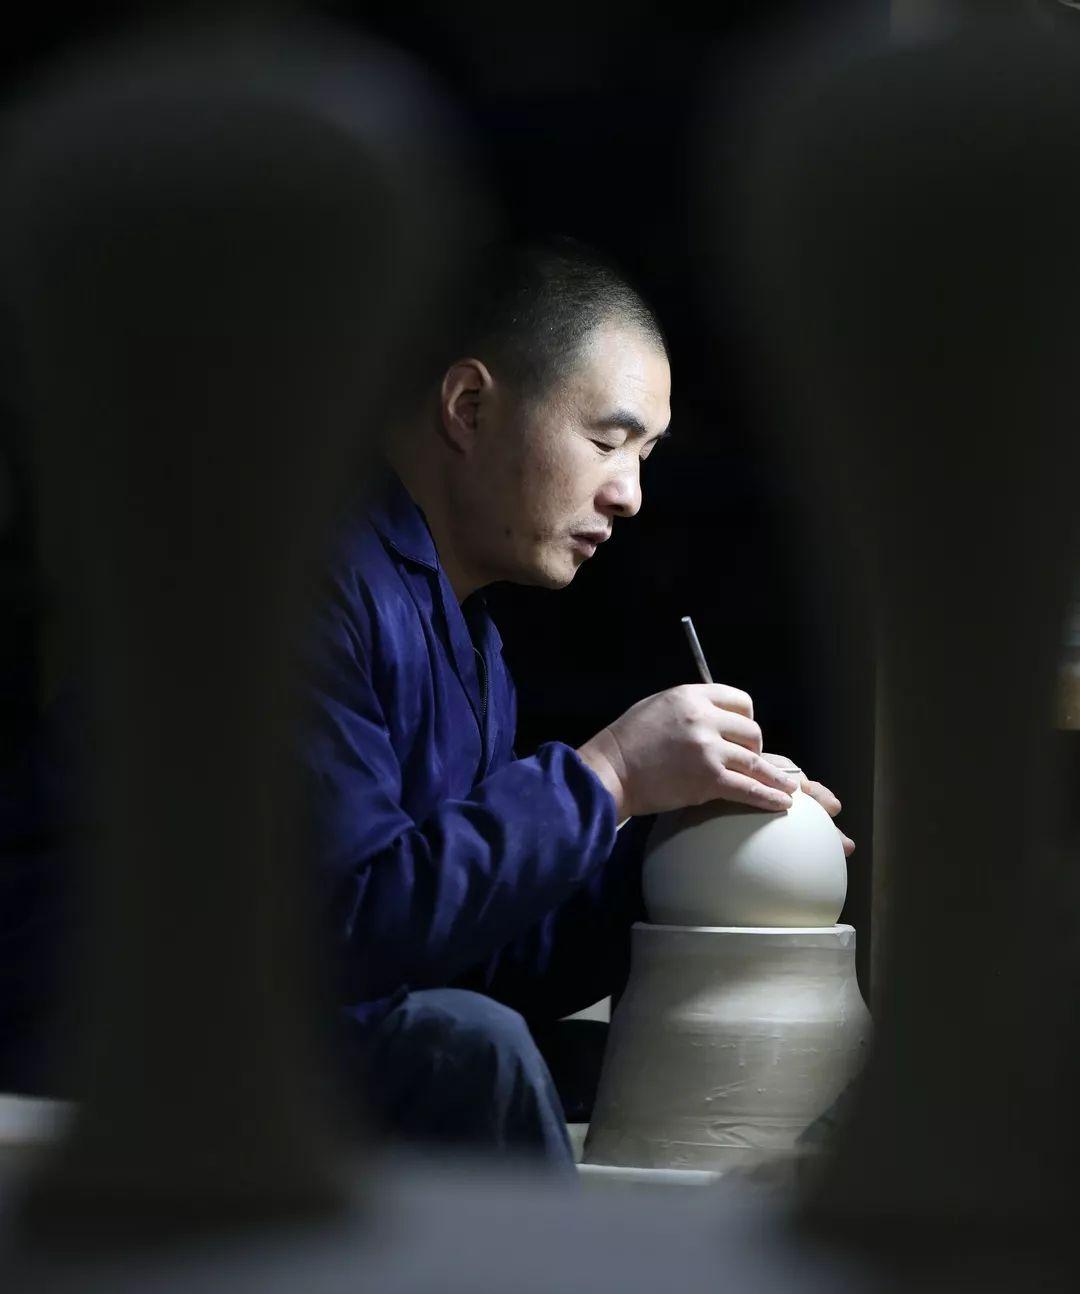 新青年·新青瓷丨张宇仁:天青宇内 仁者乐瓷